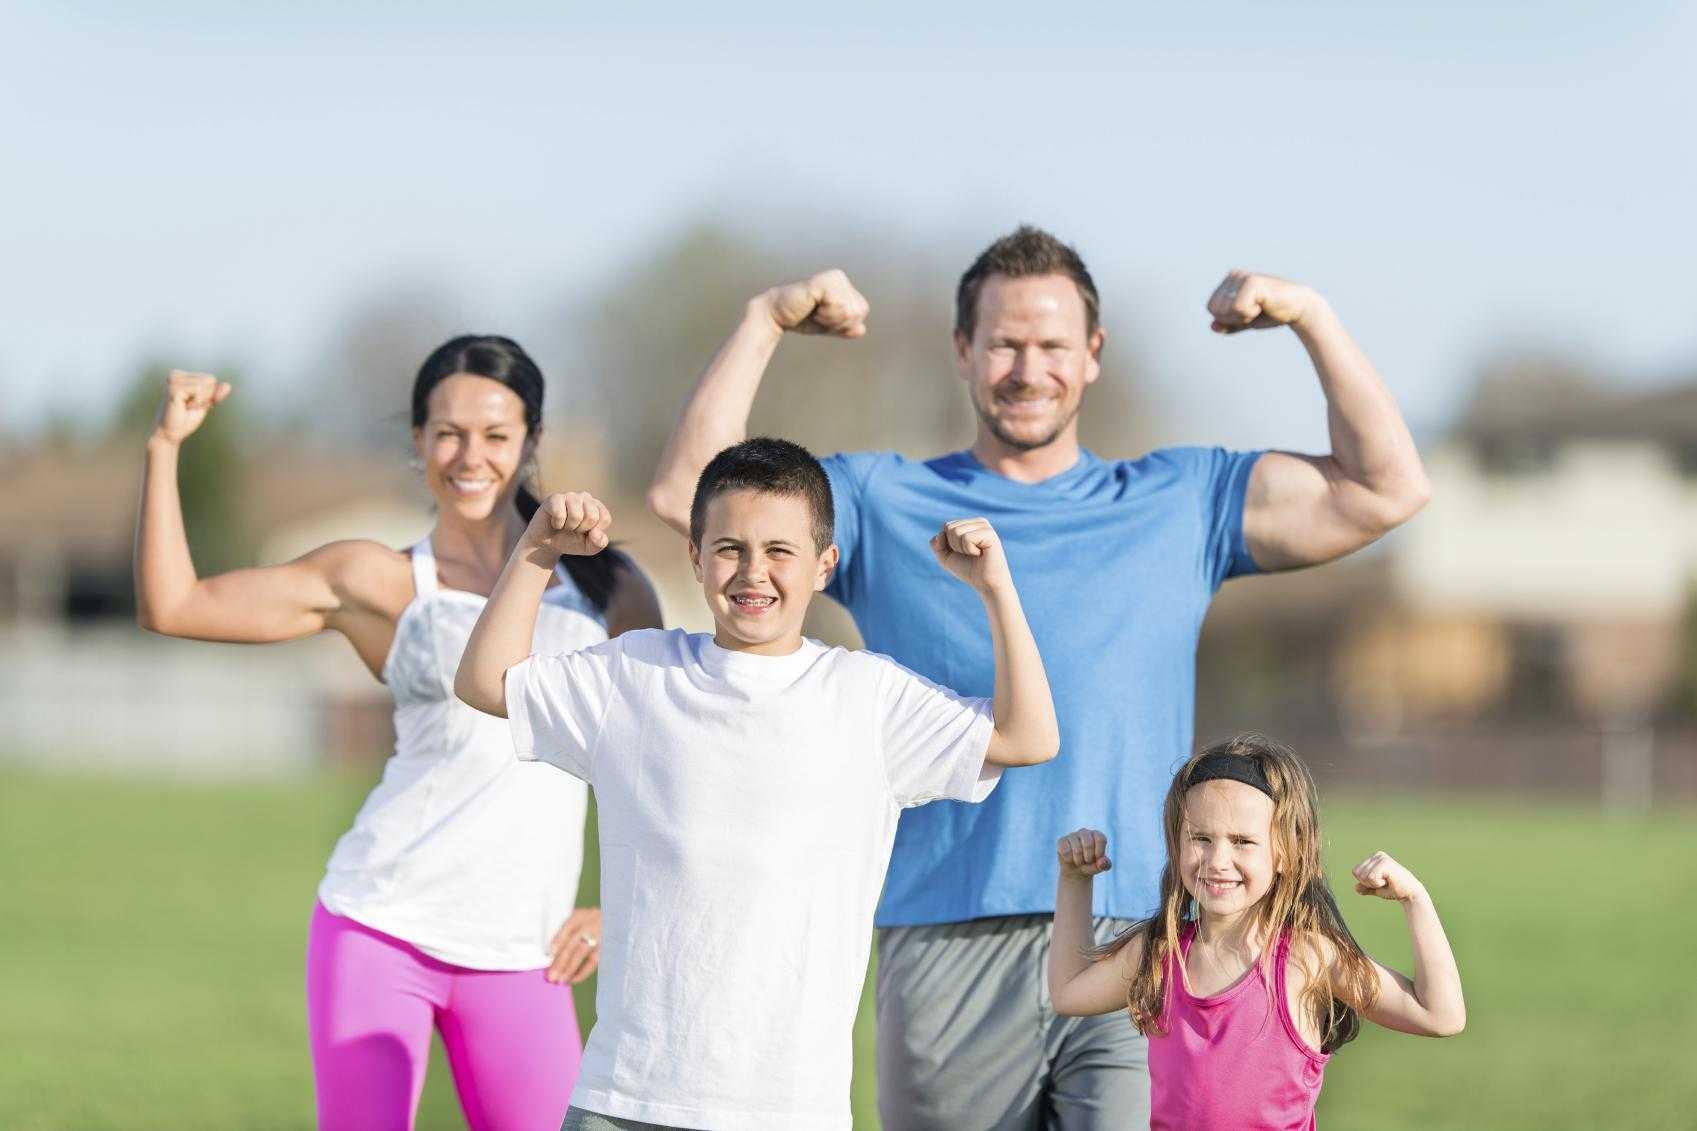 Физическая культура и здоровый образ жизни